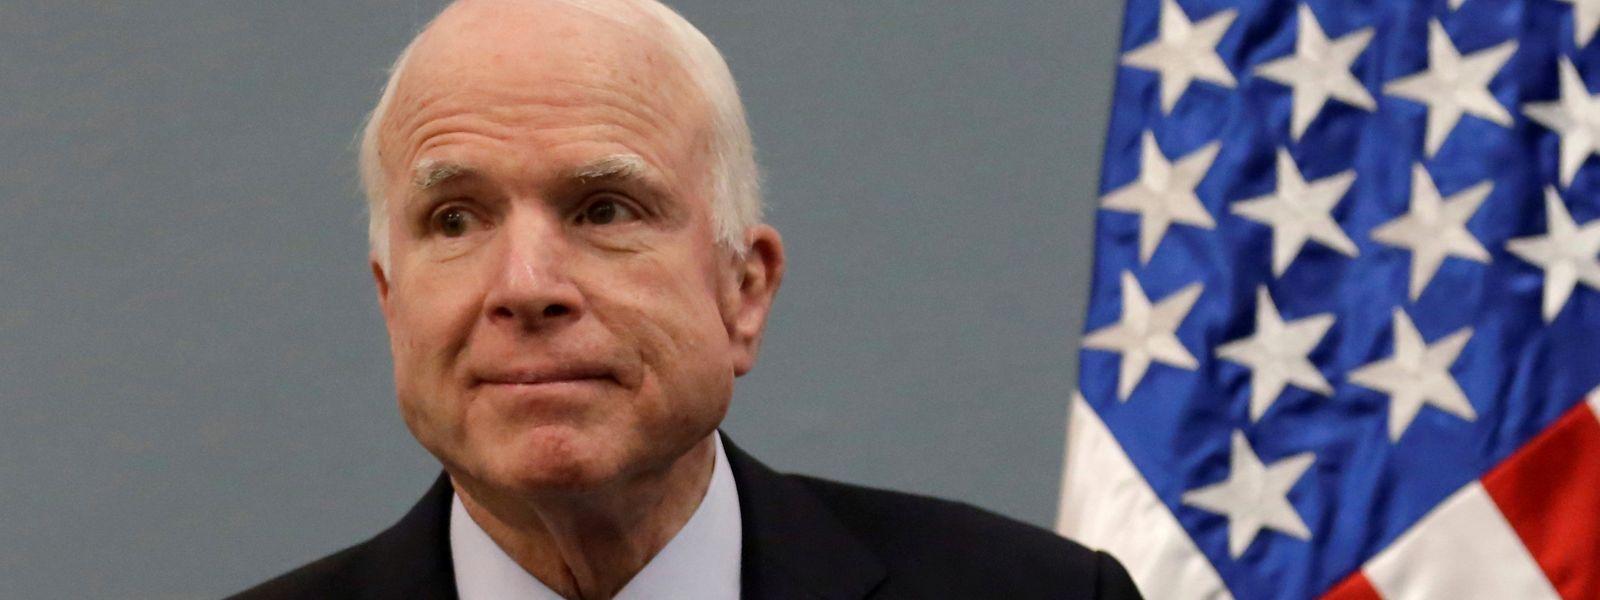 John McCain gilt als einer der heftigsten Kritiker Trumps innerhalb der republikanischen Partei.